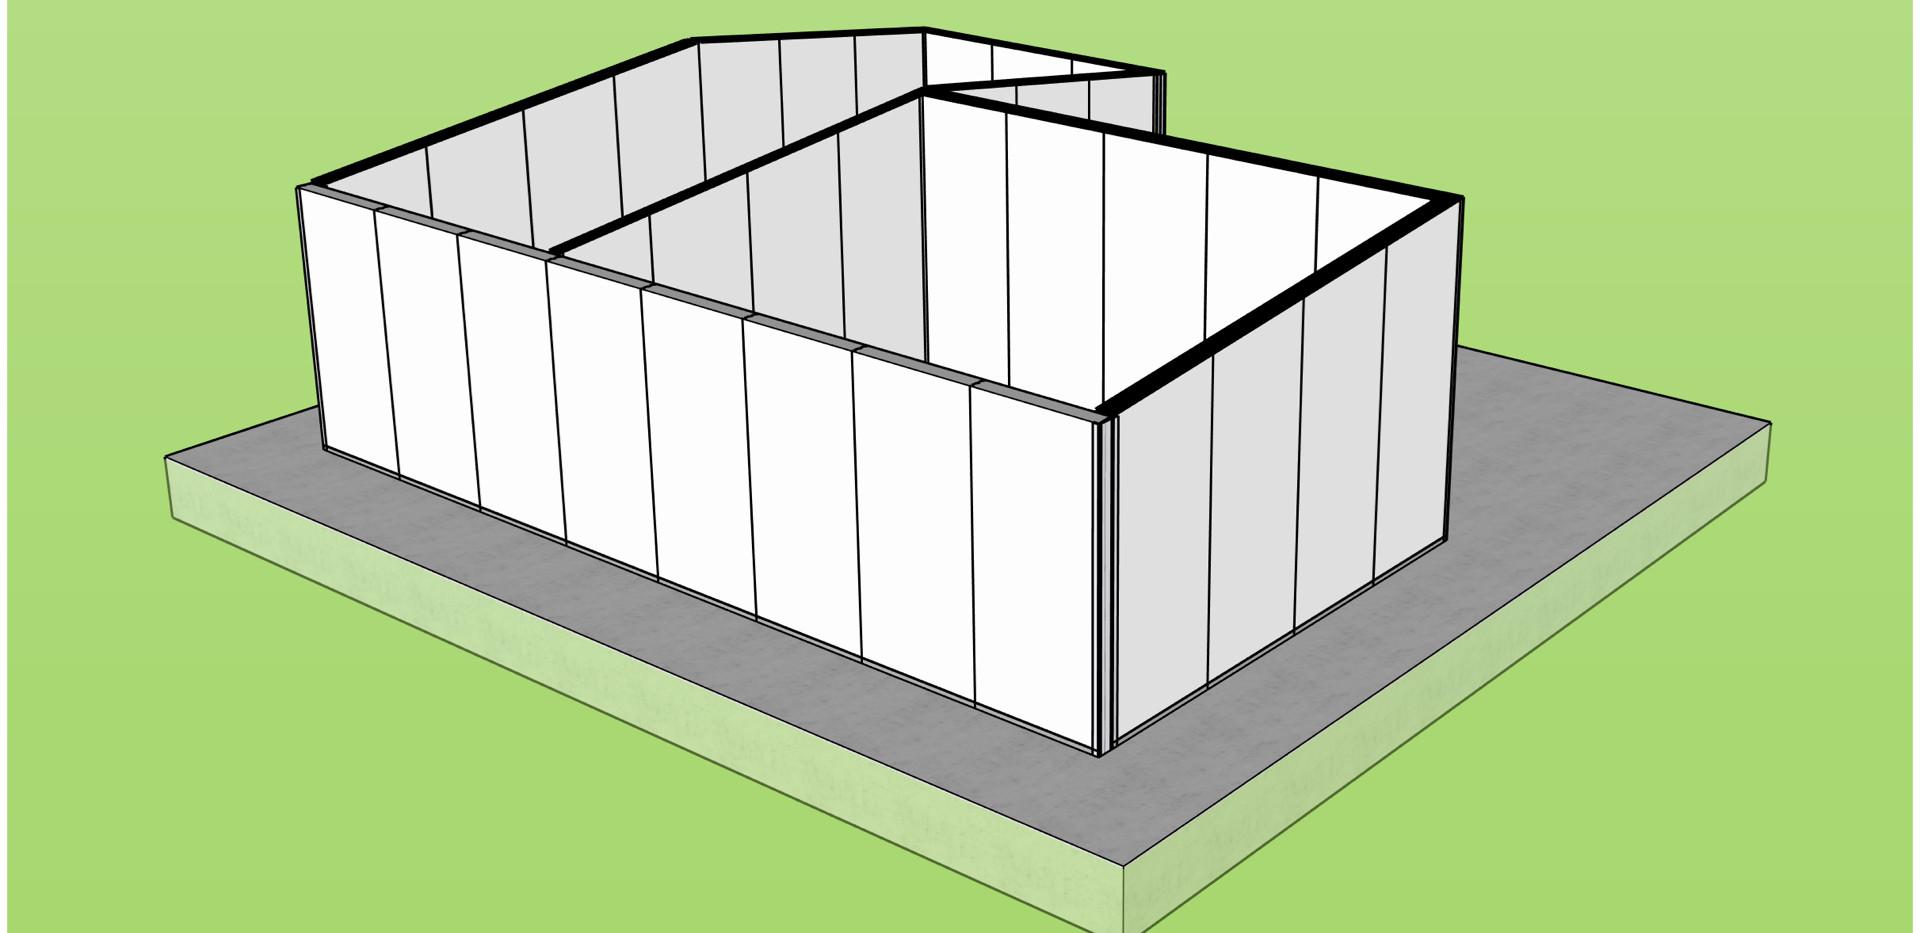 Hafif Çelik Örnek Ev Kurulumu-11.jpeg